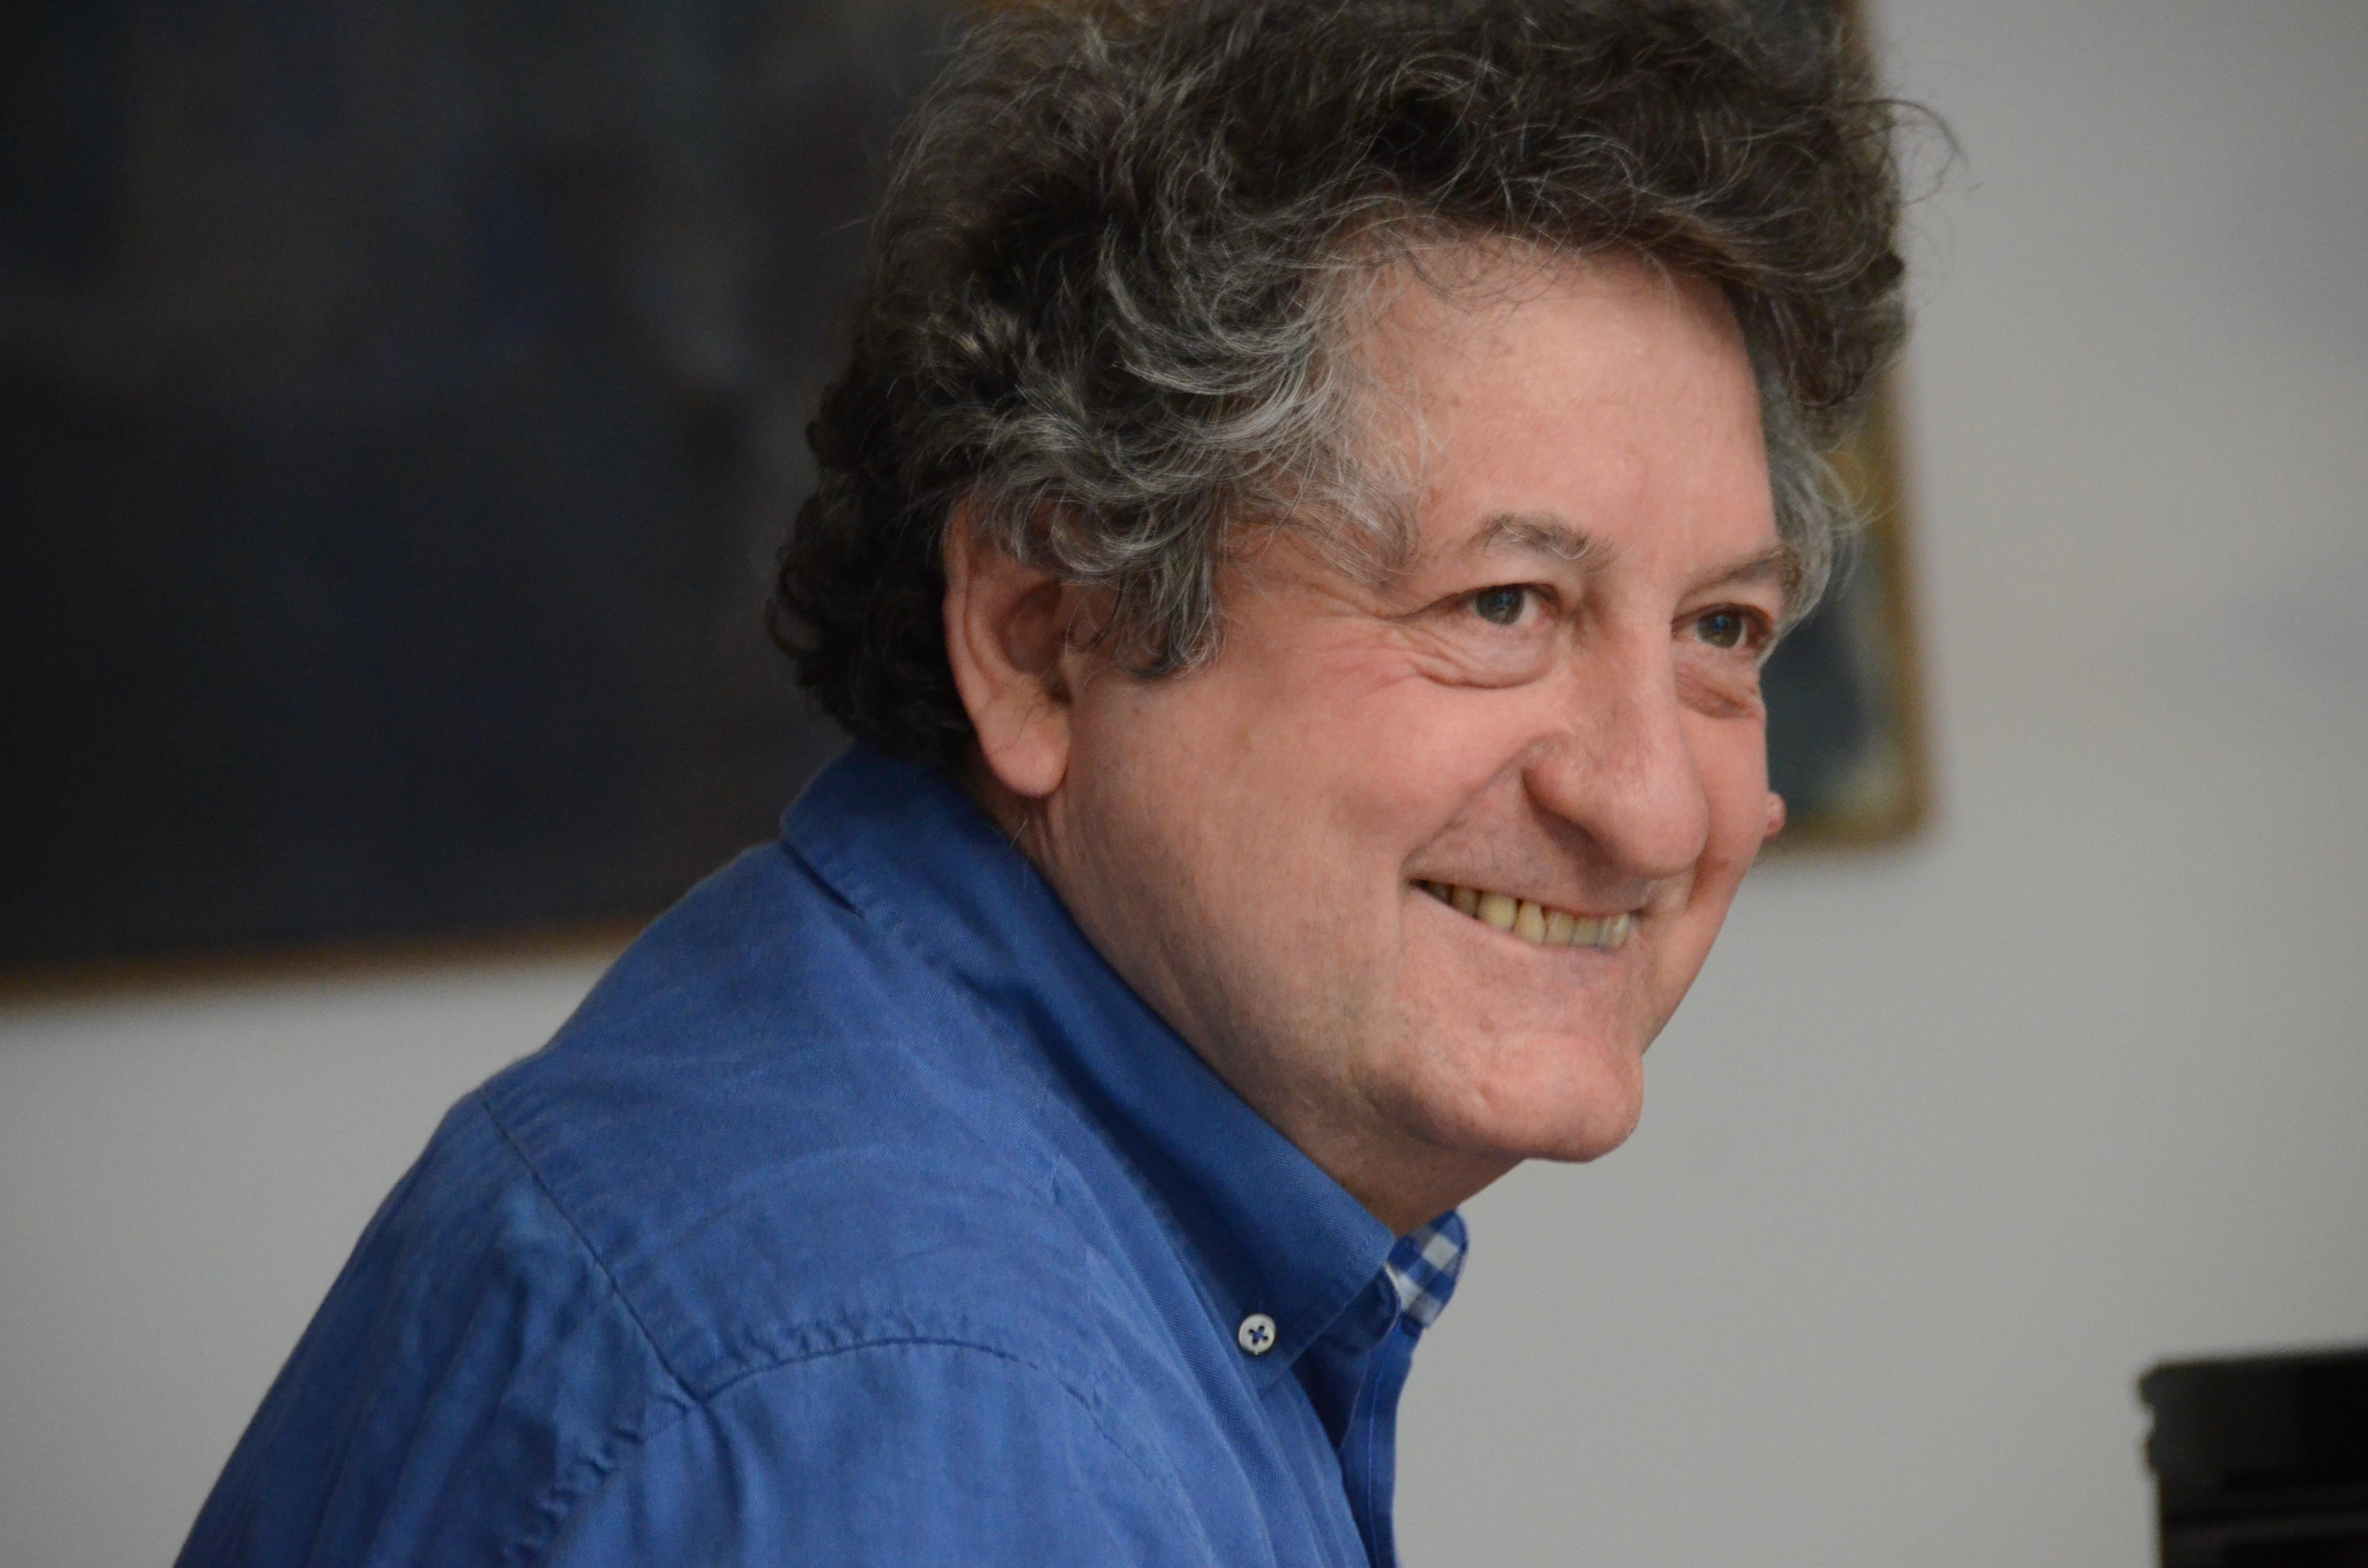 Bernard Desormières, pianist